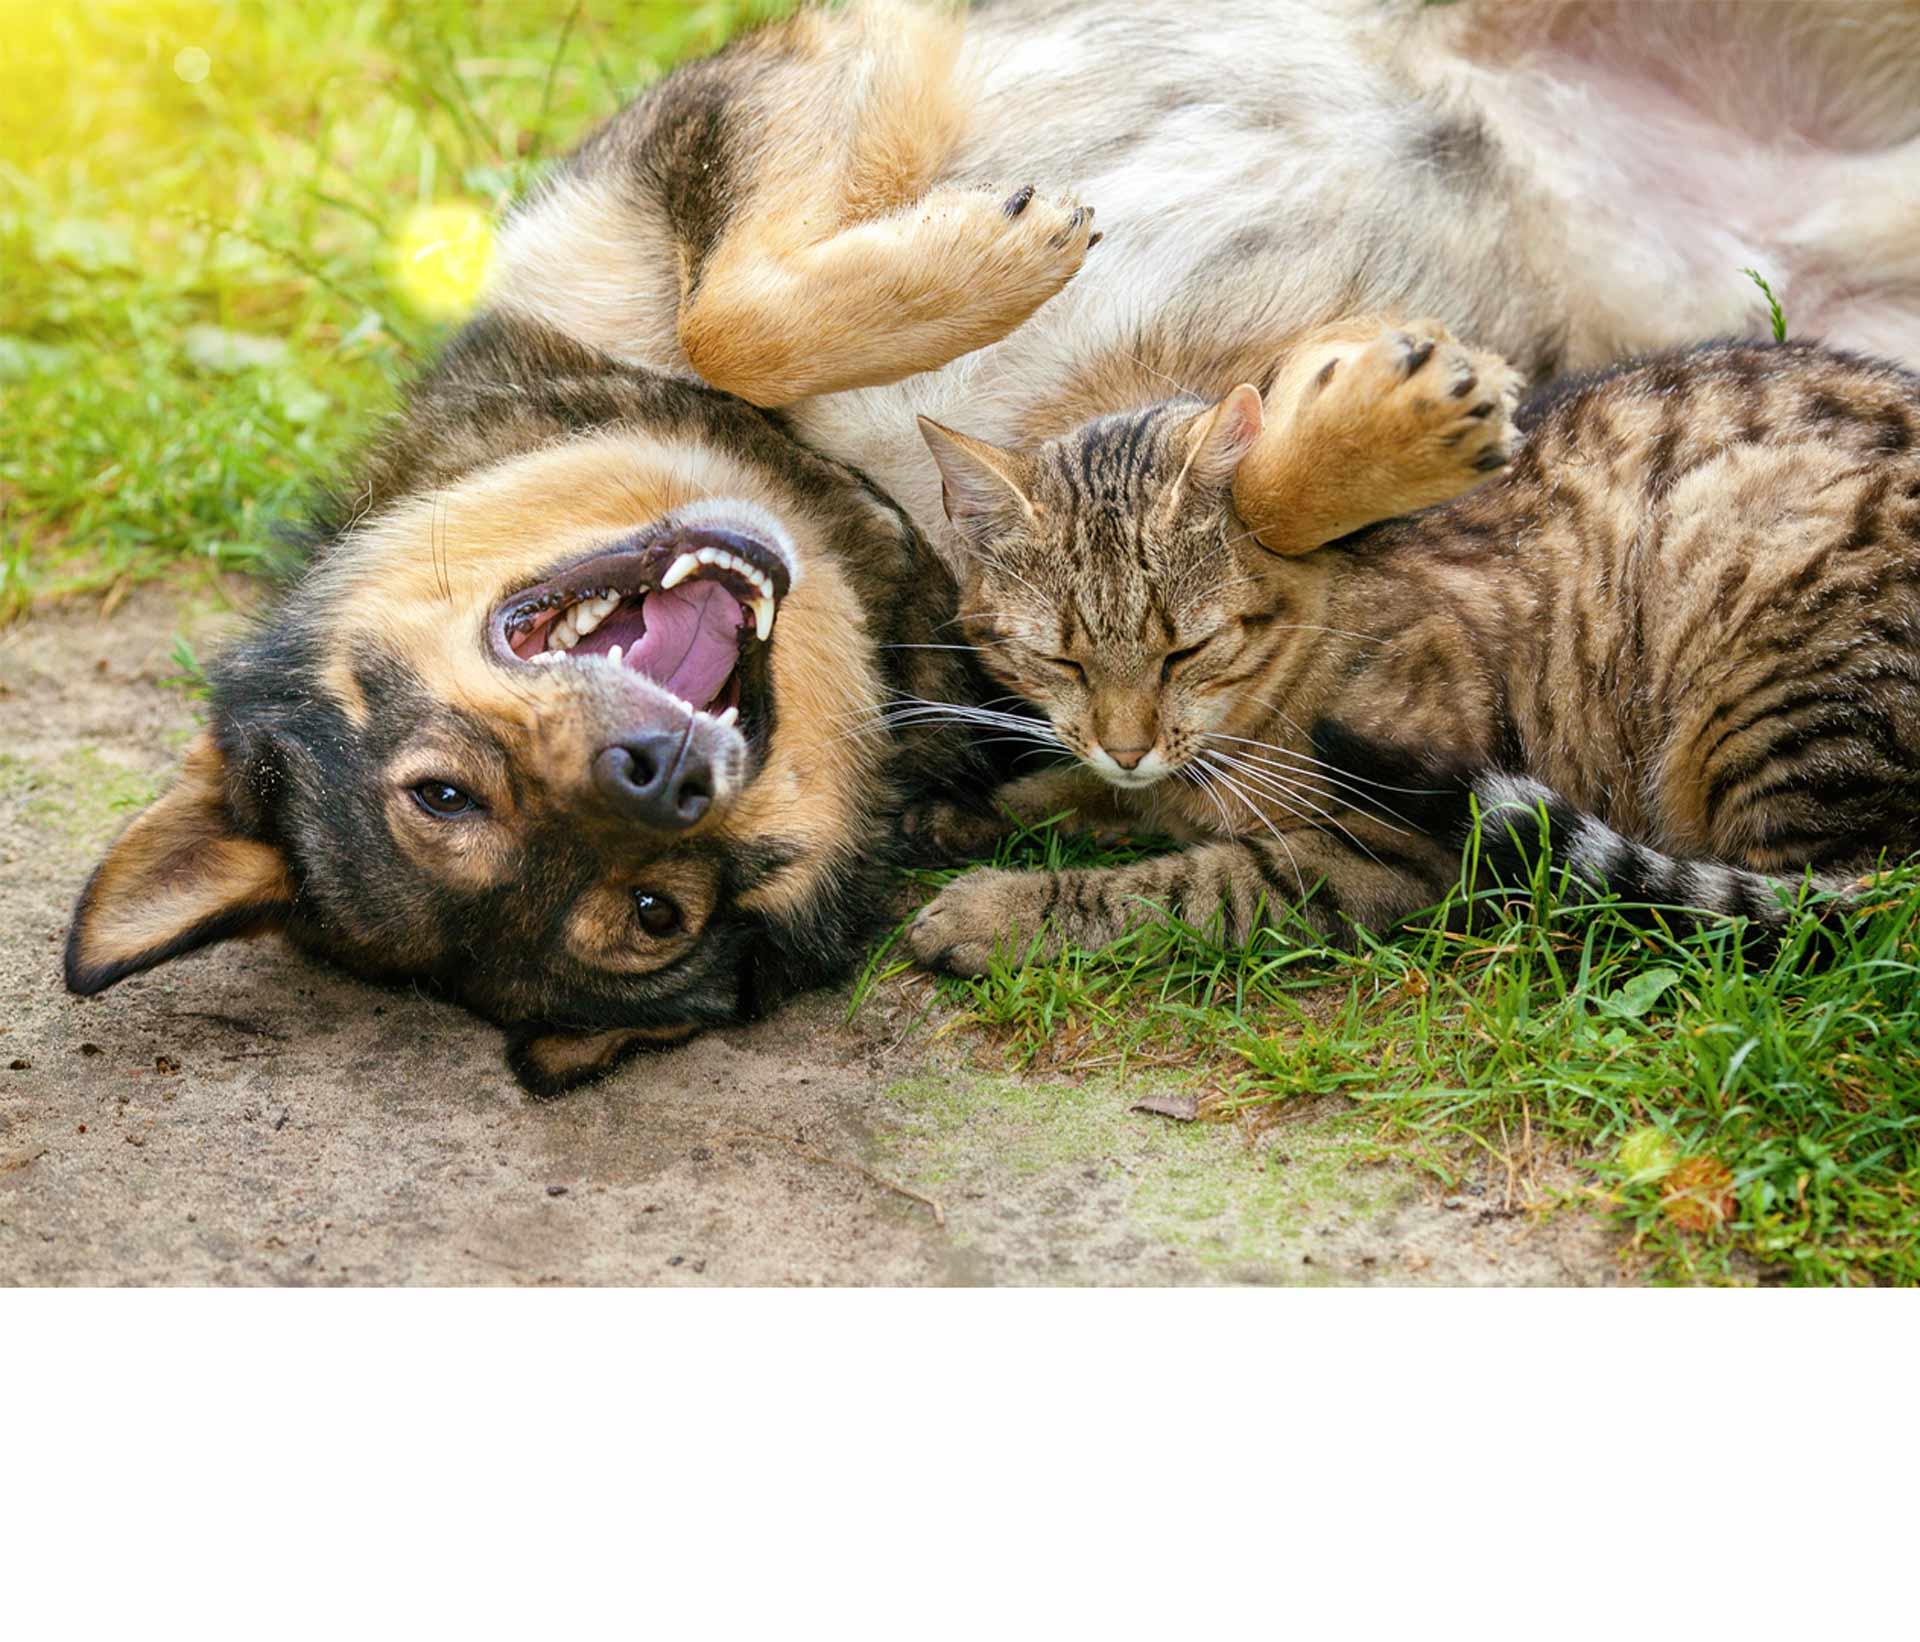 Este miércoles, el Senado aprobó en cuarto y último debate la ley contra el maltrato animal